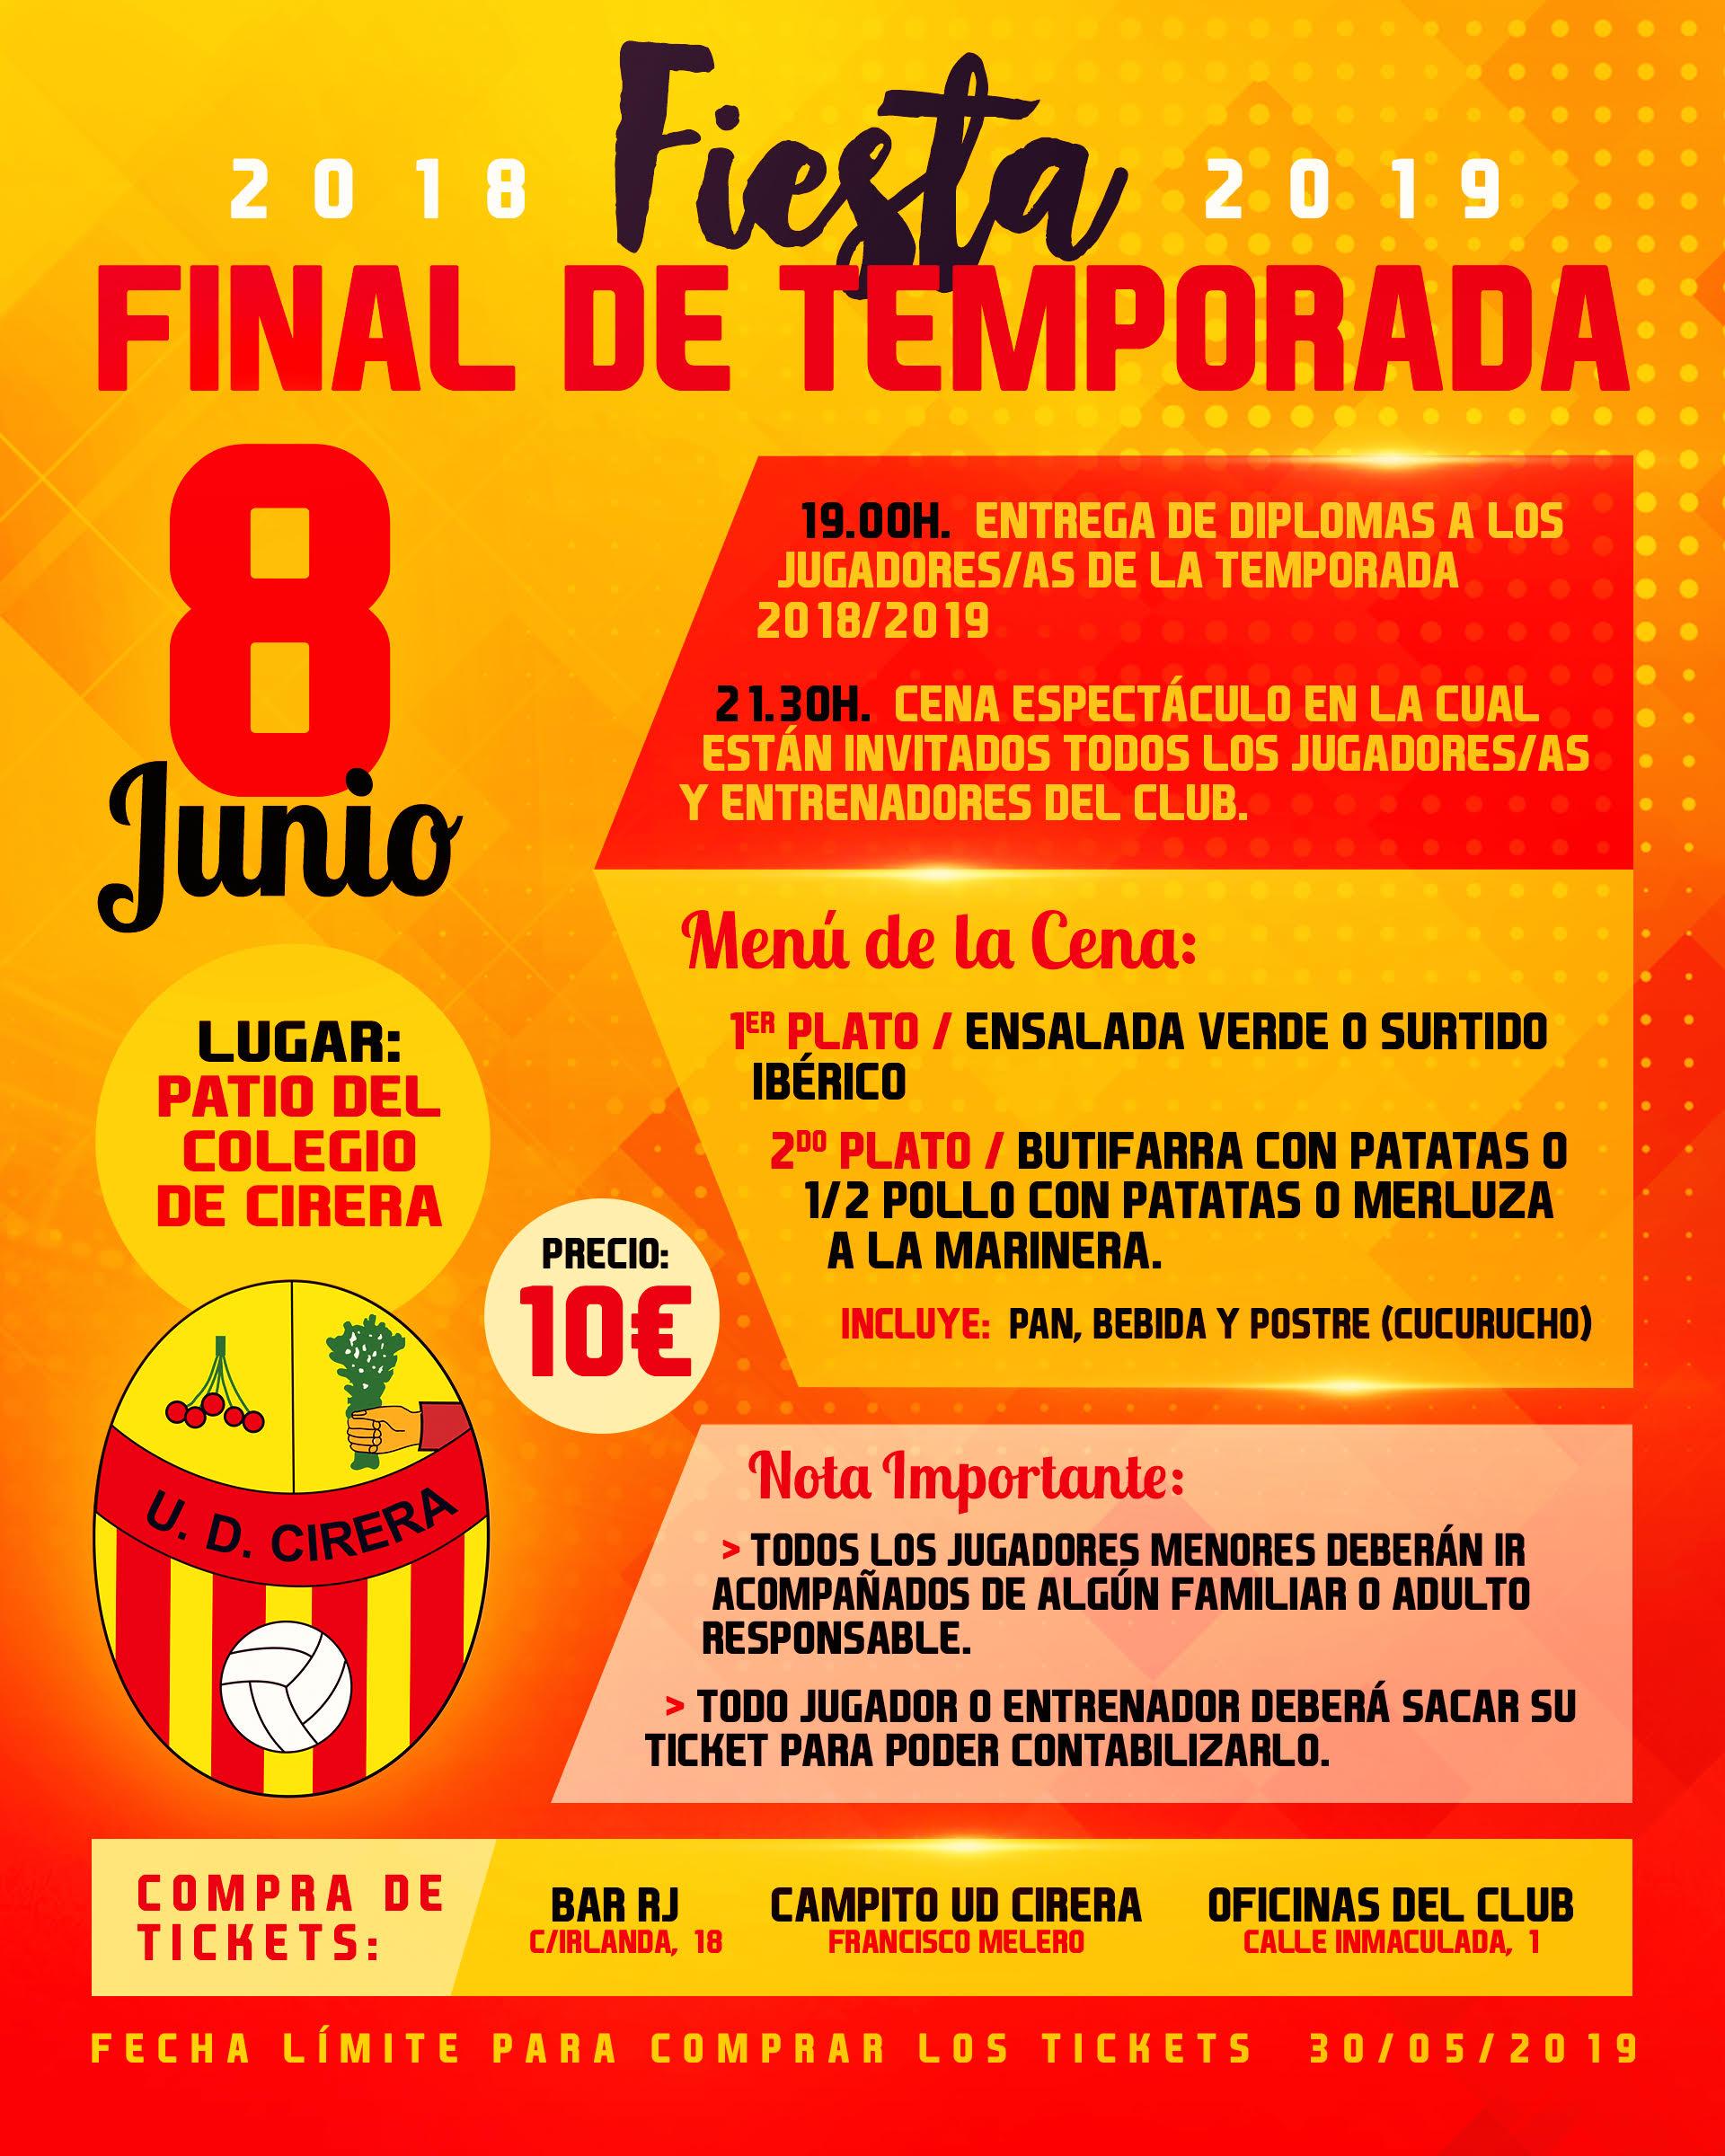 Fiesta Final de Temporada UD Cirera 2018/19